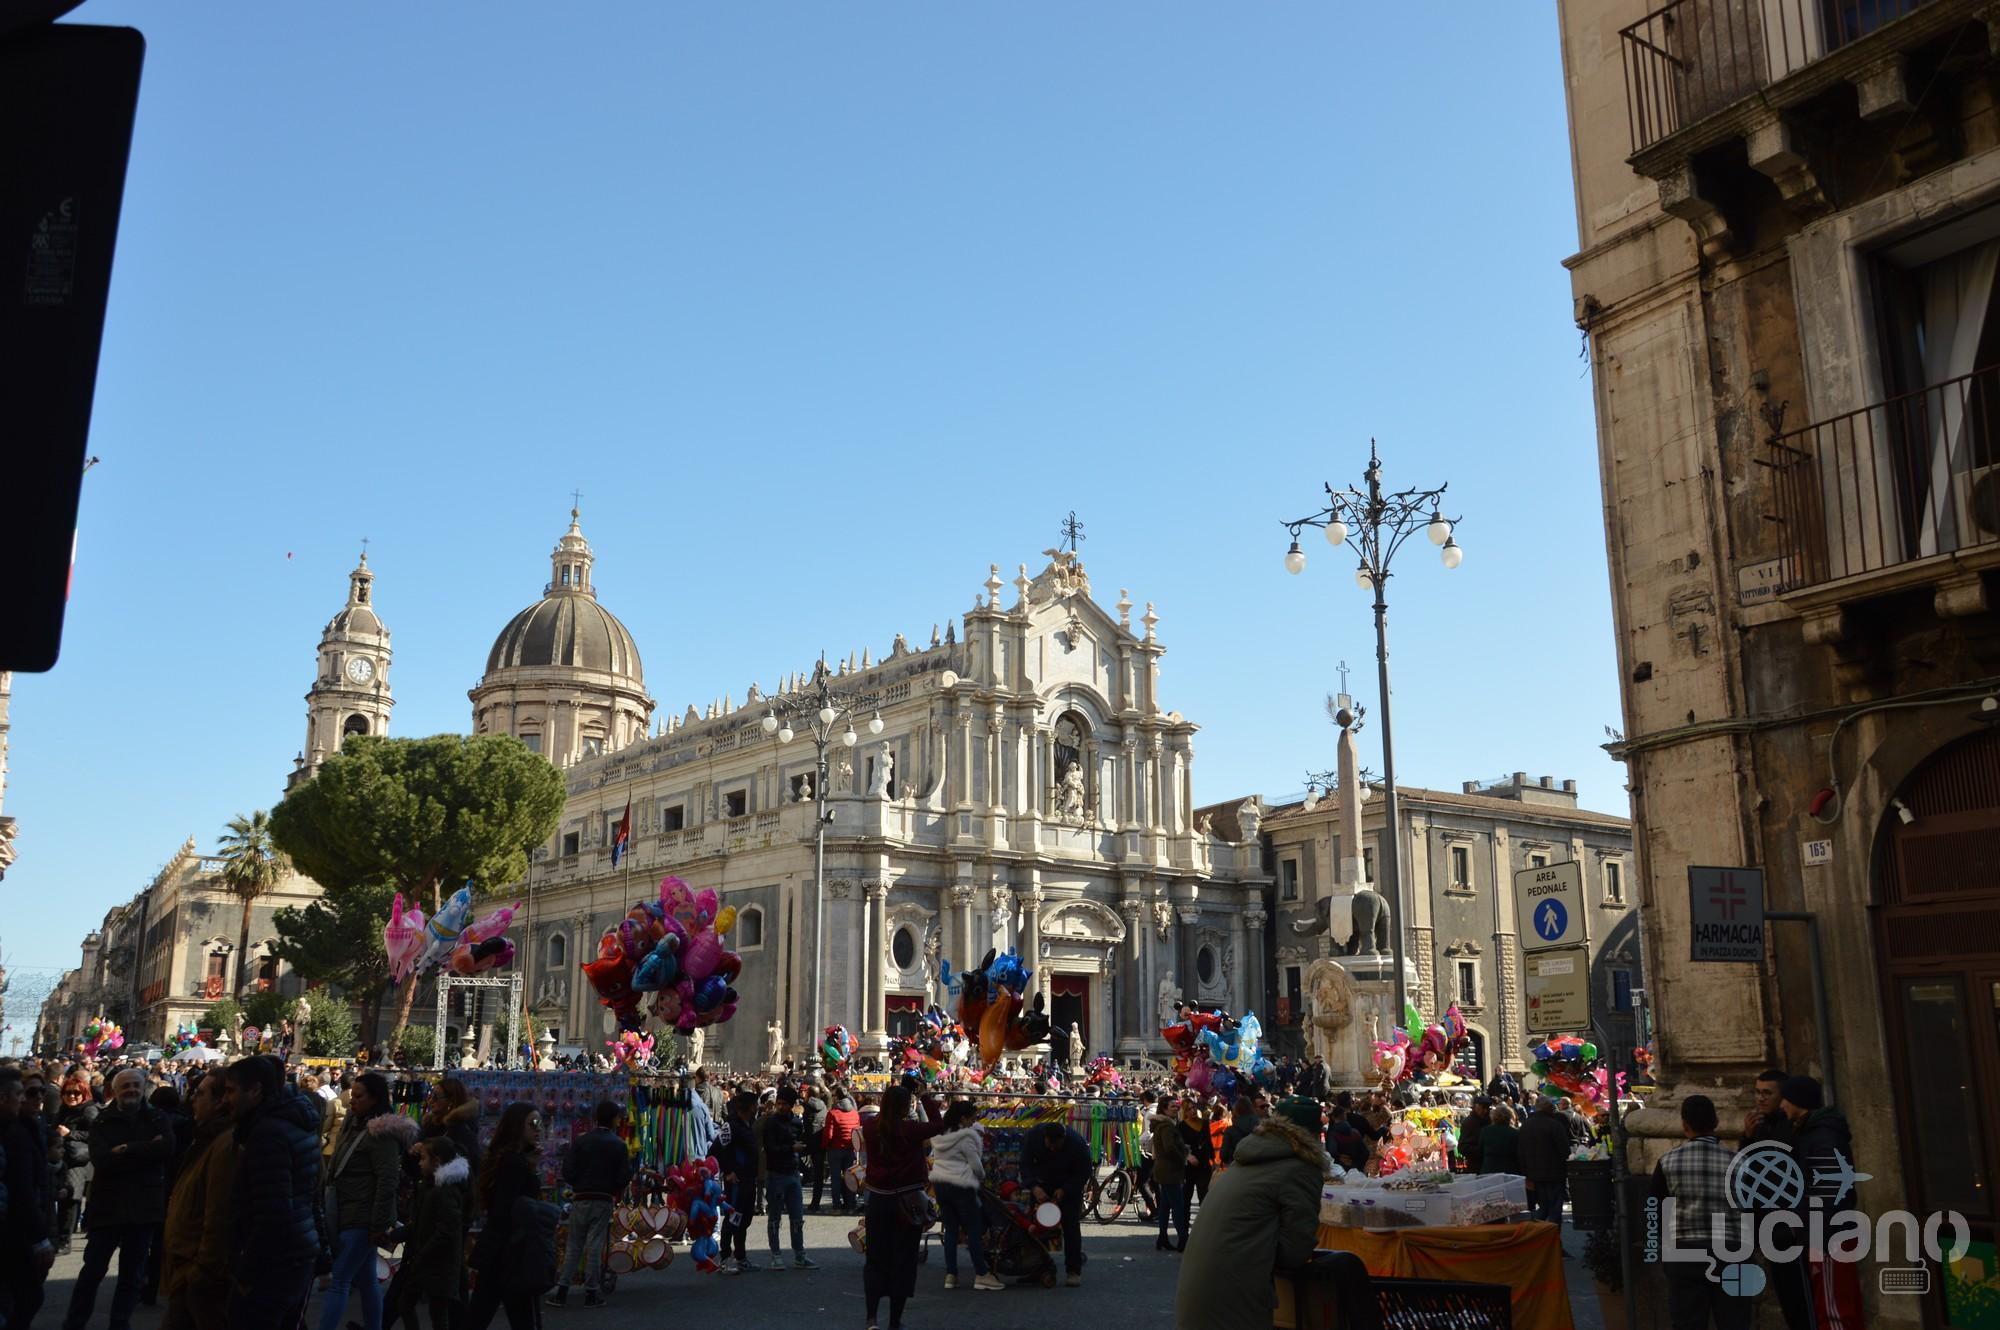 Vista della Cattedrale di Sant'Agata, delle Terme Achilliane e del Liotro (simbolo di Catania), durante i festeggiamenti per Sant'Agata 2019 - Catania (CT)